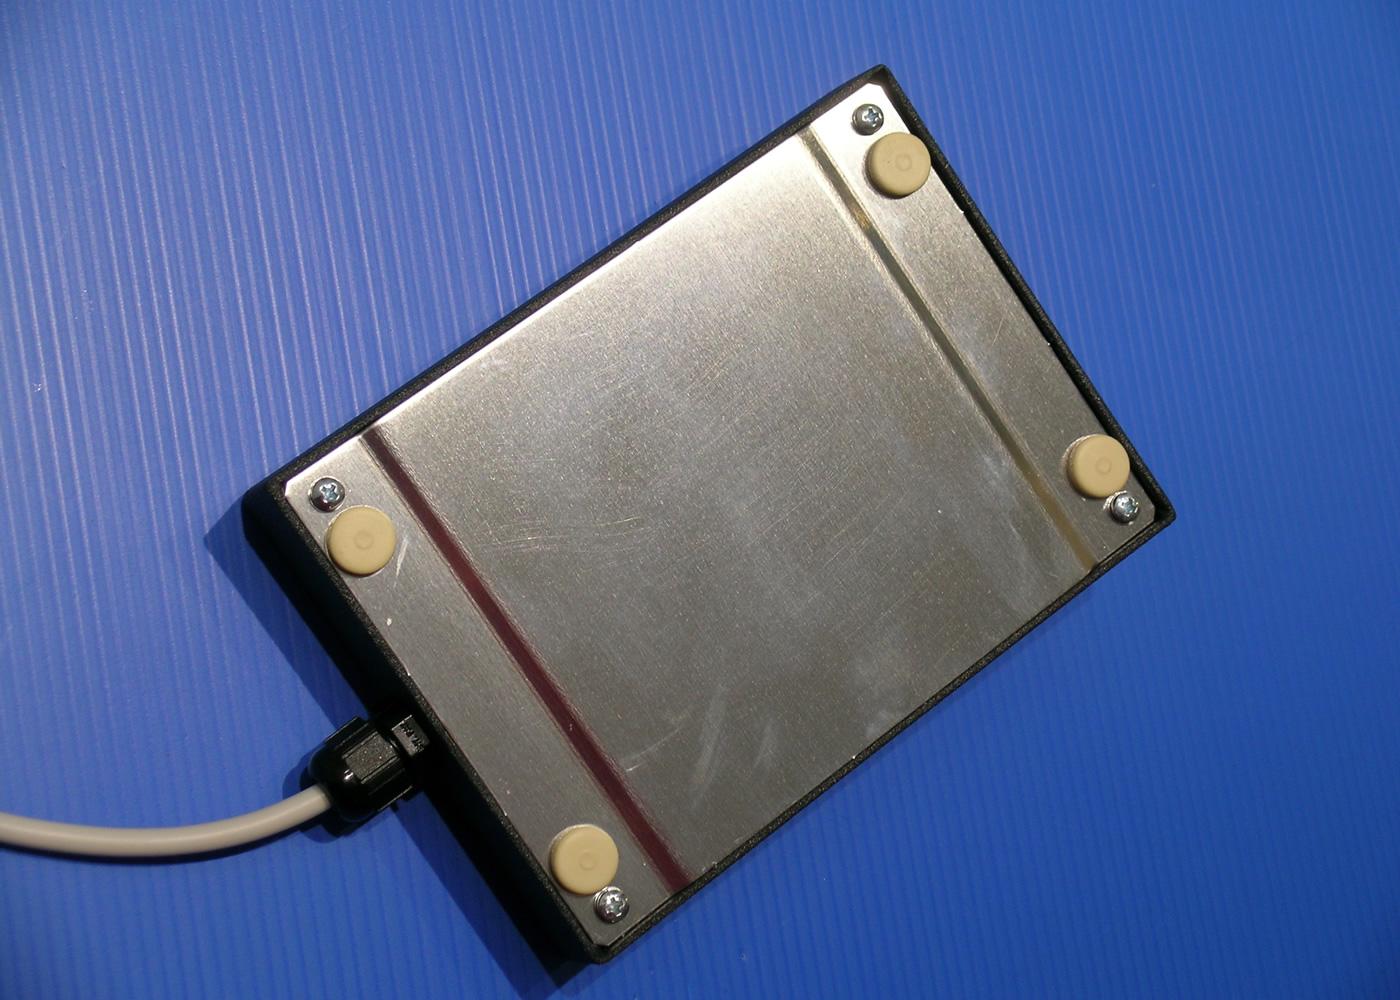 Trackball 38mm industrielle en boitier de table – Vue arrière